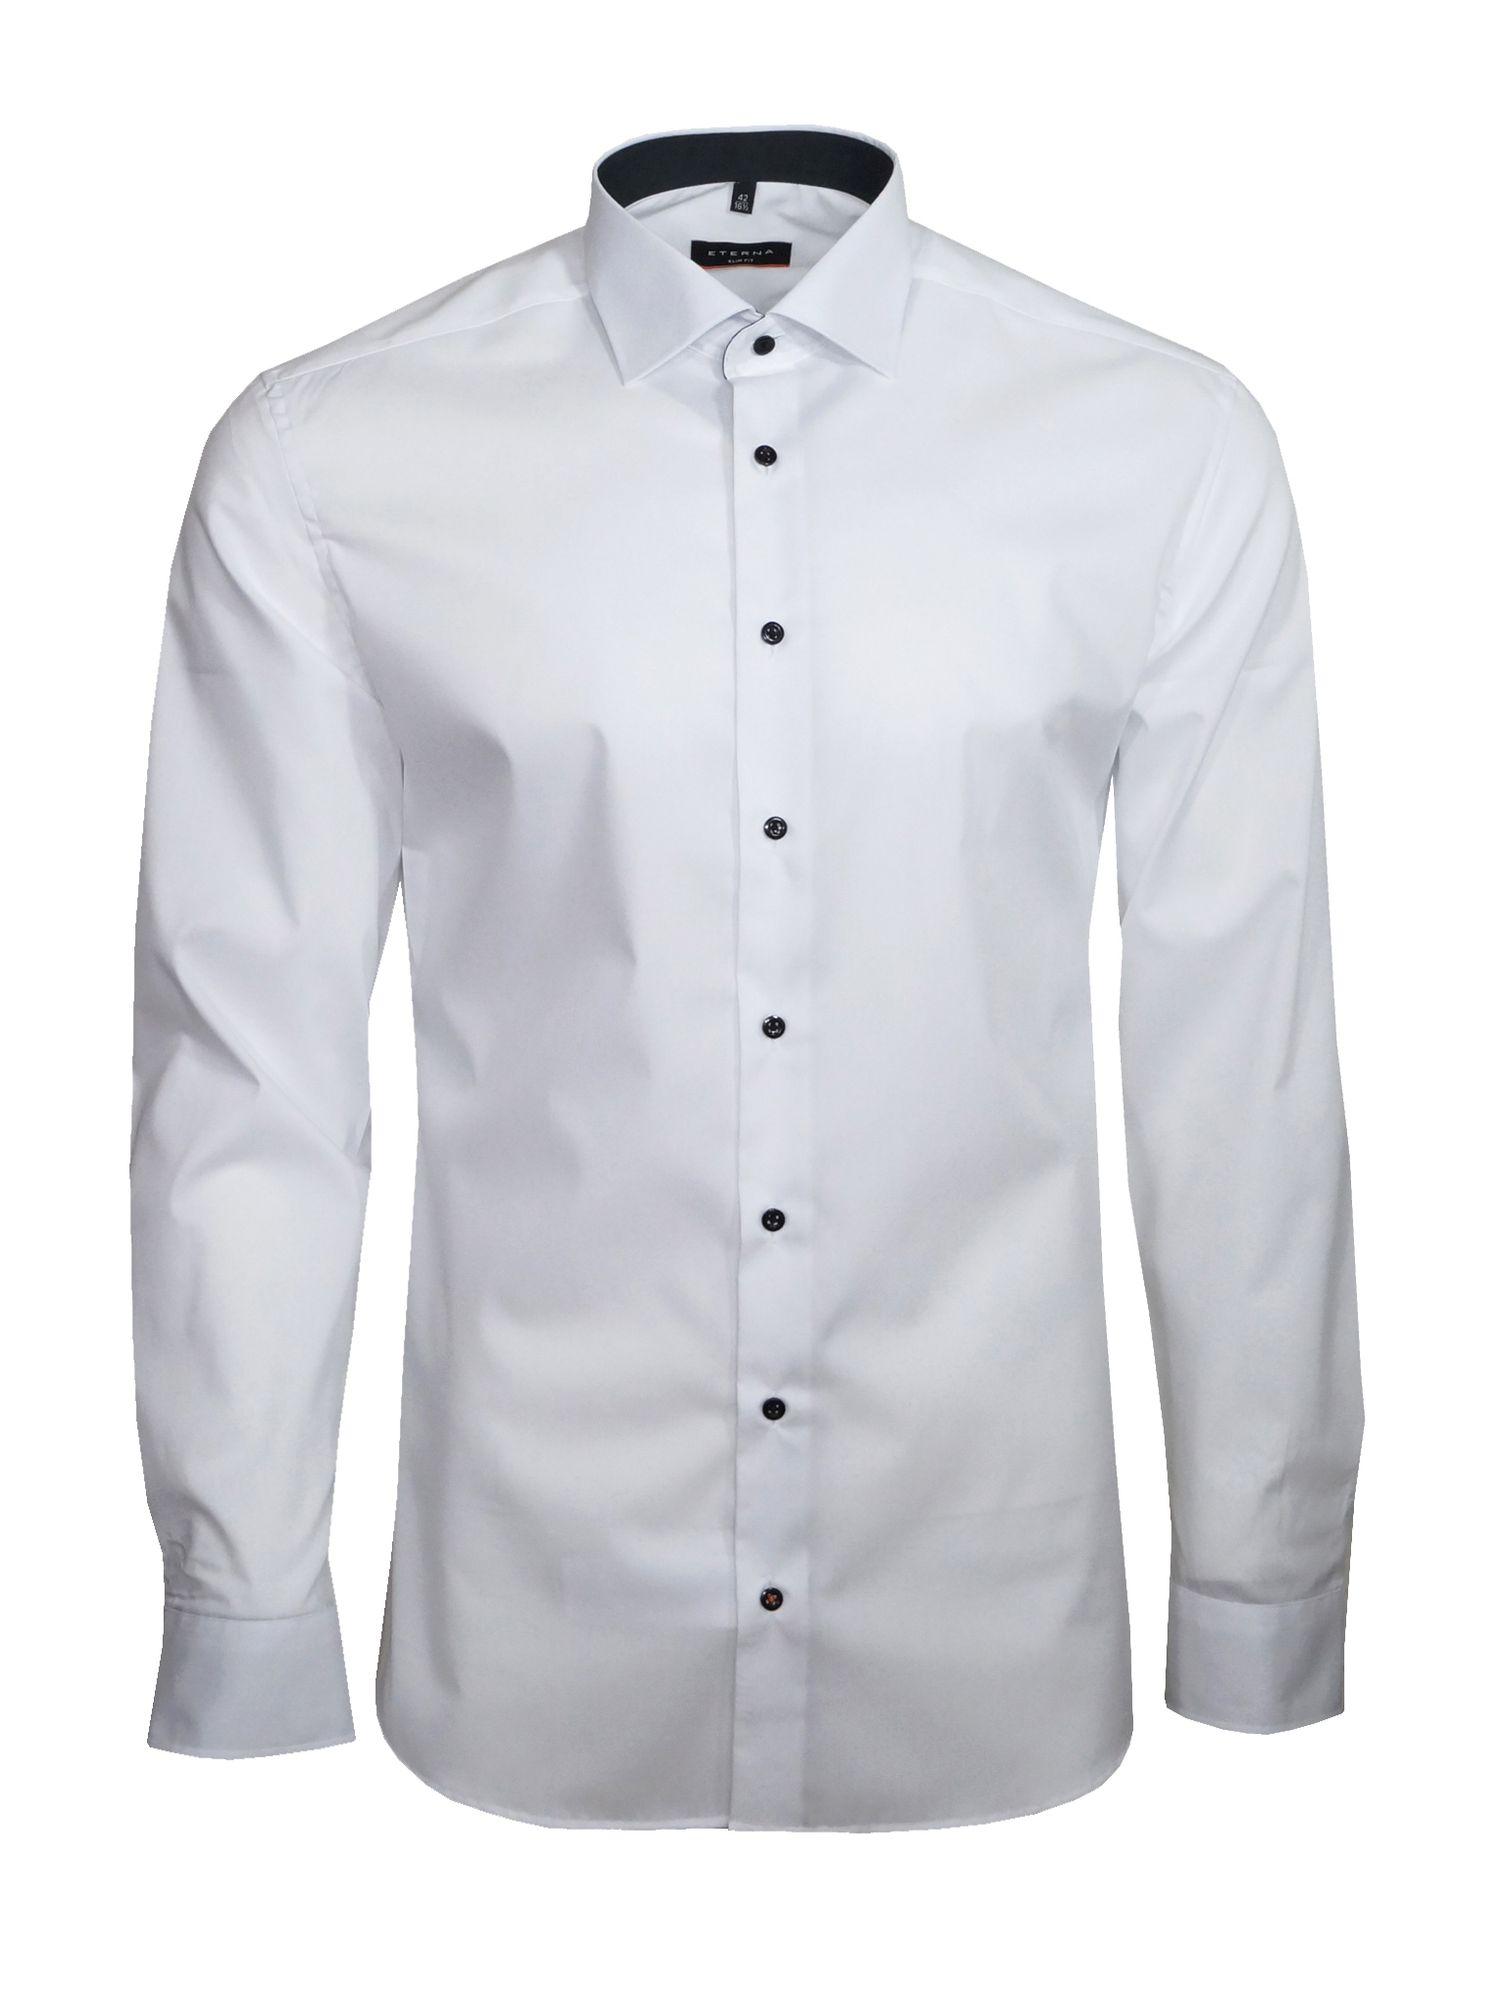 273577aaeaf2 Eterna Herren Hemd Langarm Slim Fit Hemden 8585 00 F140 Weiß L 41